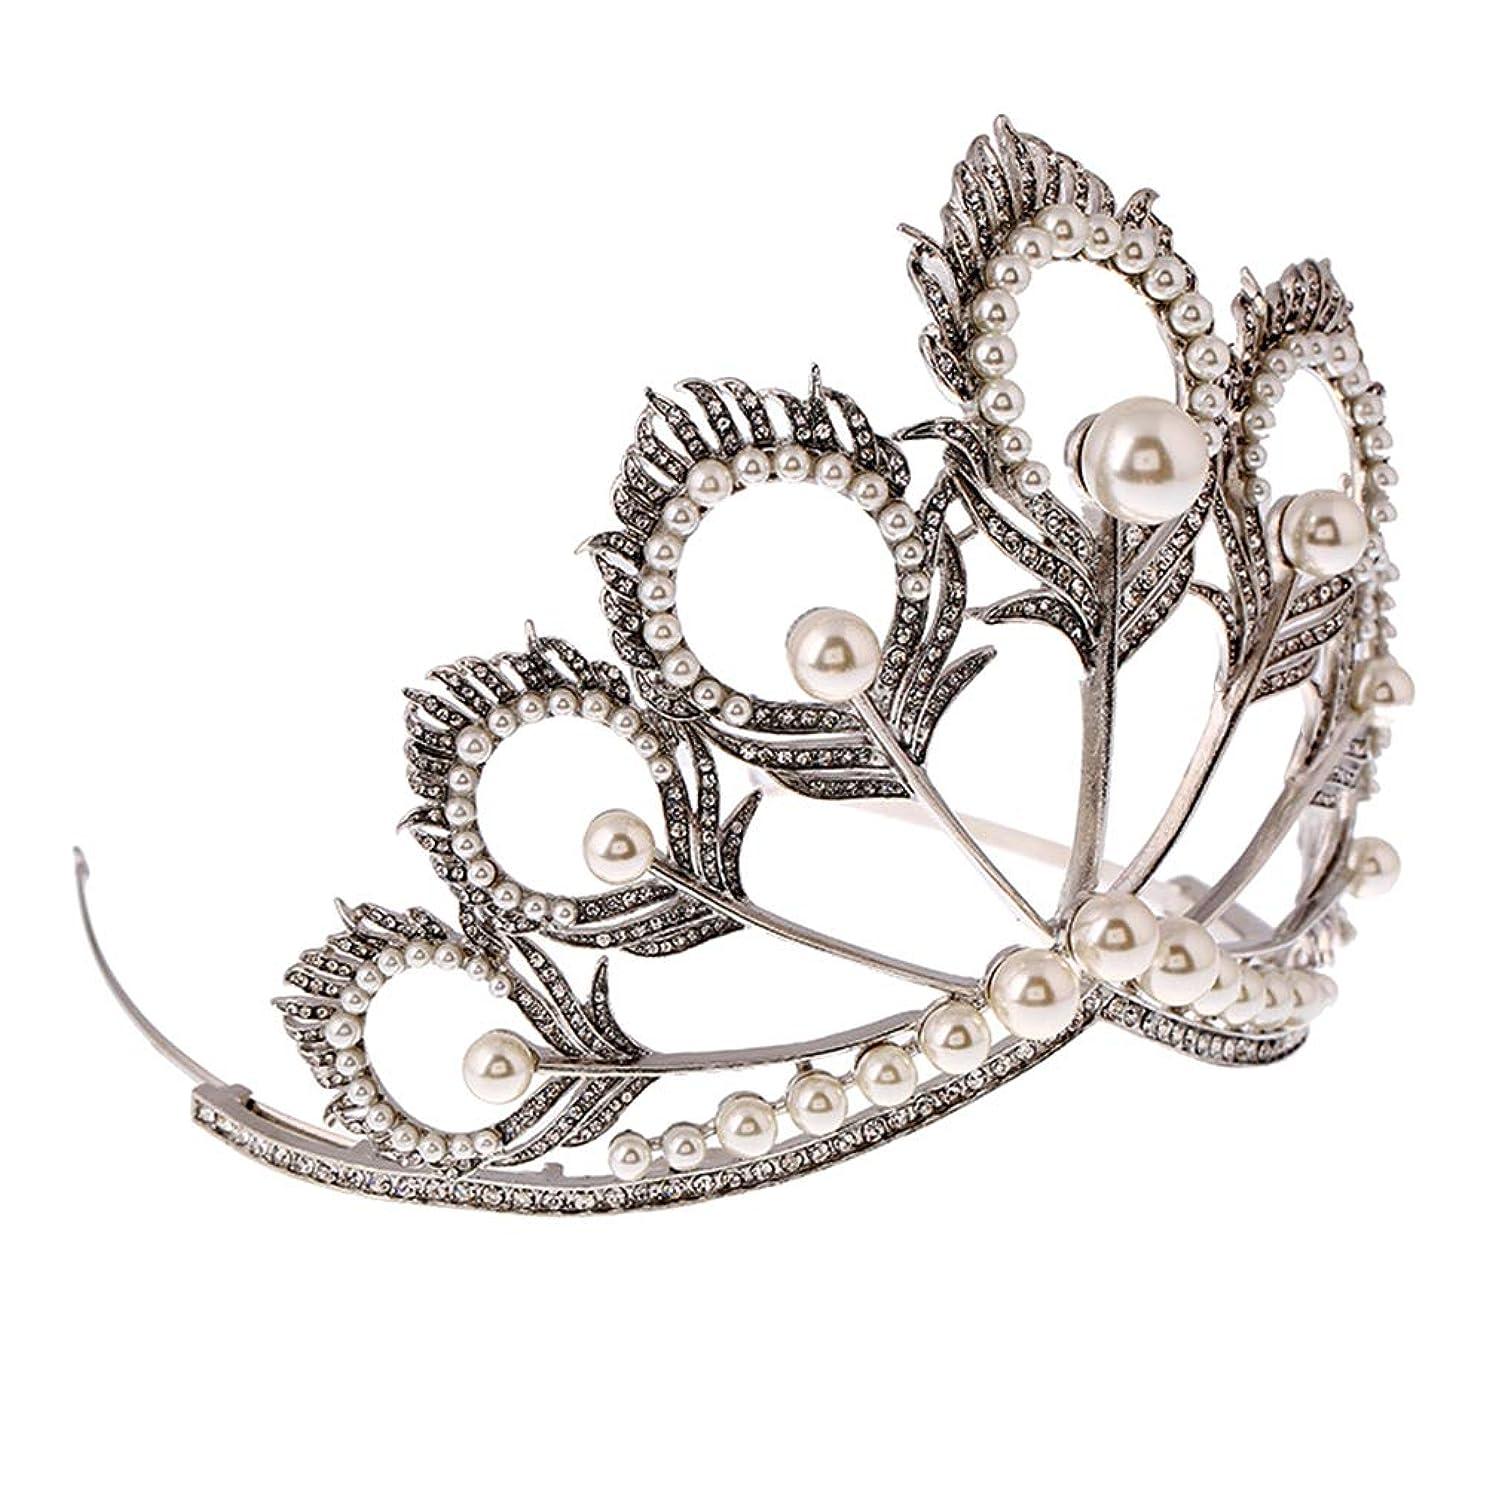 杭チャーミング待つLurrose 女性のための真珠の羽形のティアラ高級手作りクラウンとラインストーンクラウンピーコック